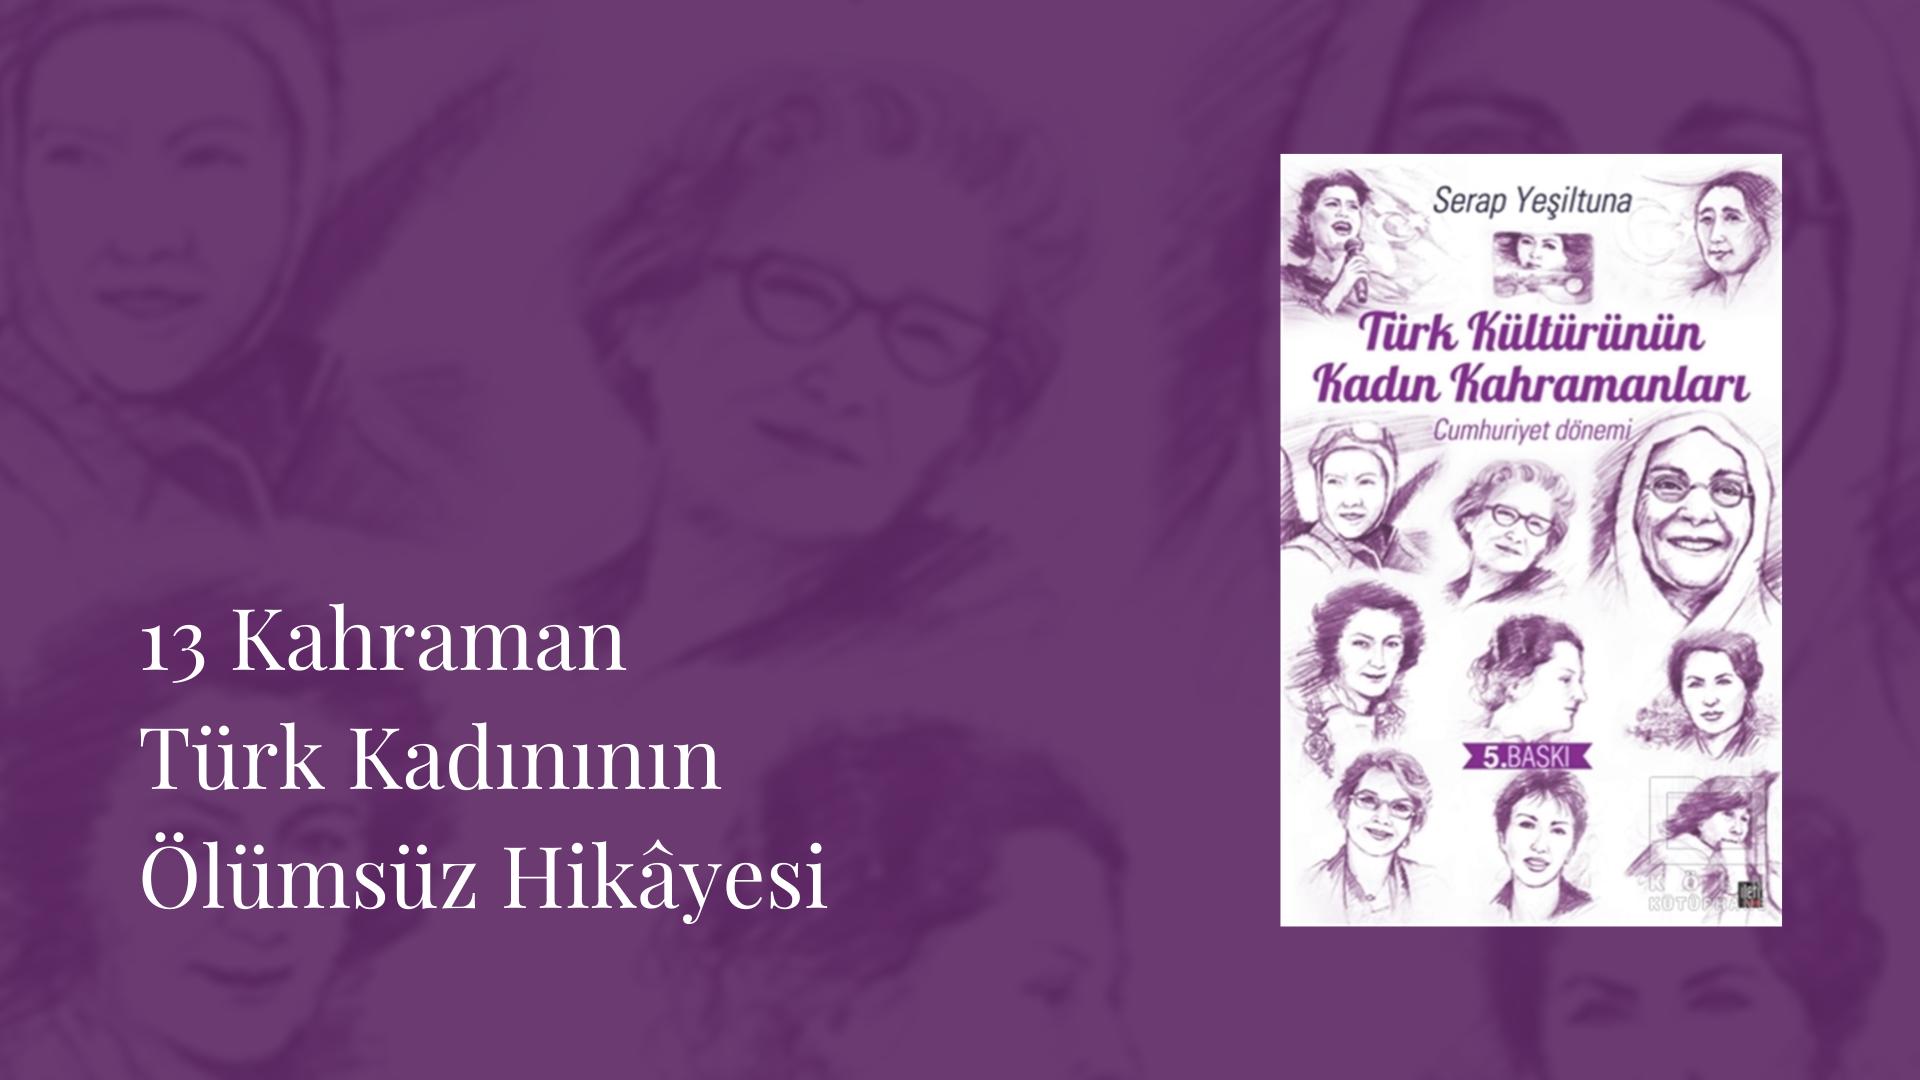 Kitap: Türk Kültürünün Kadın Kahramanları (Cumhuriyet Dönemi) | Yazar: Serap Yeşiltuna | Yorumlayan: Kübra Mısırlı Keskin